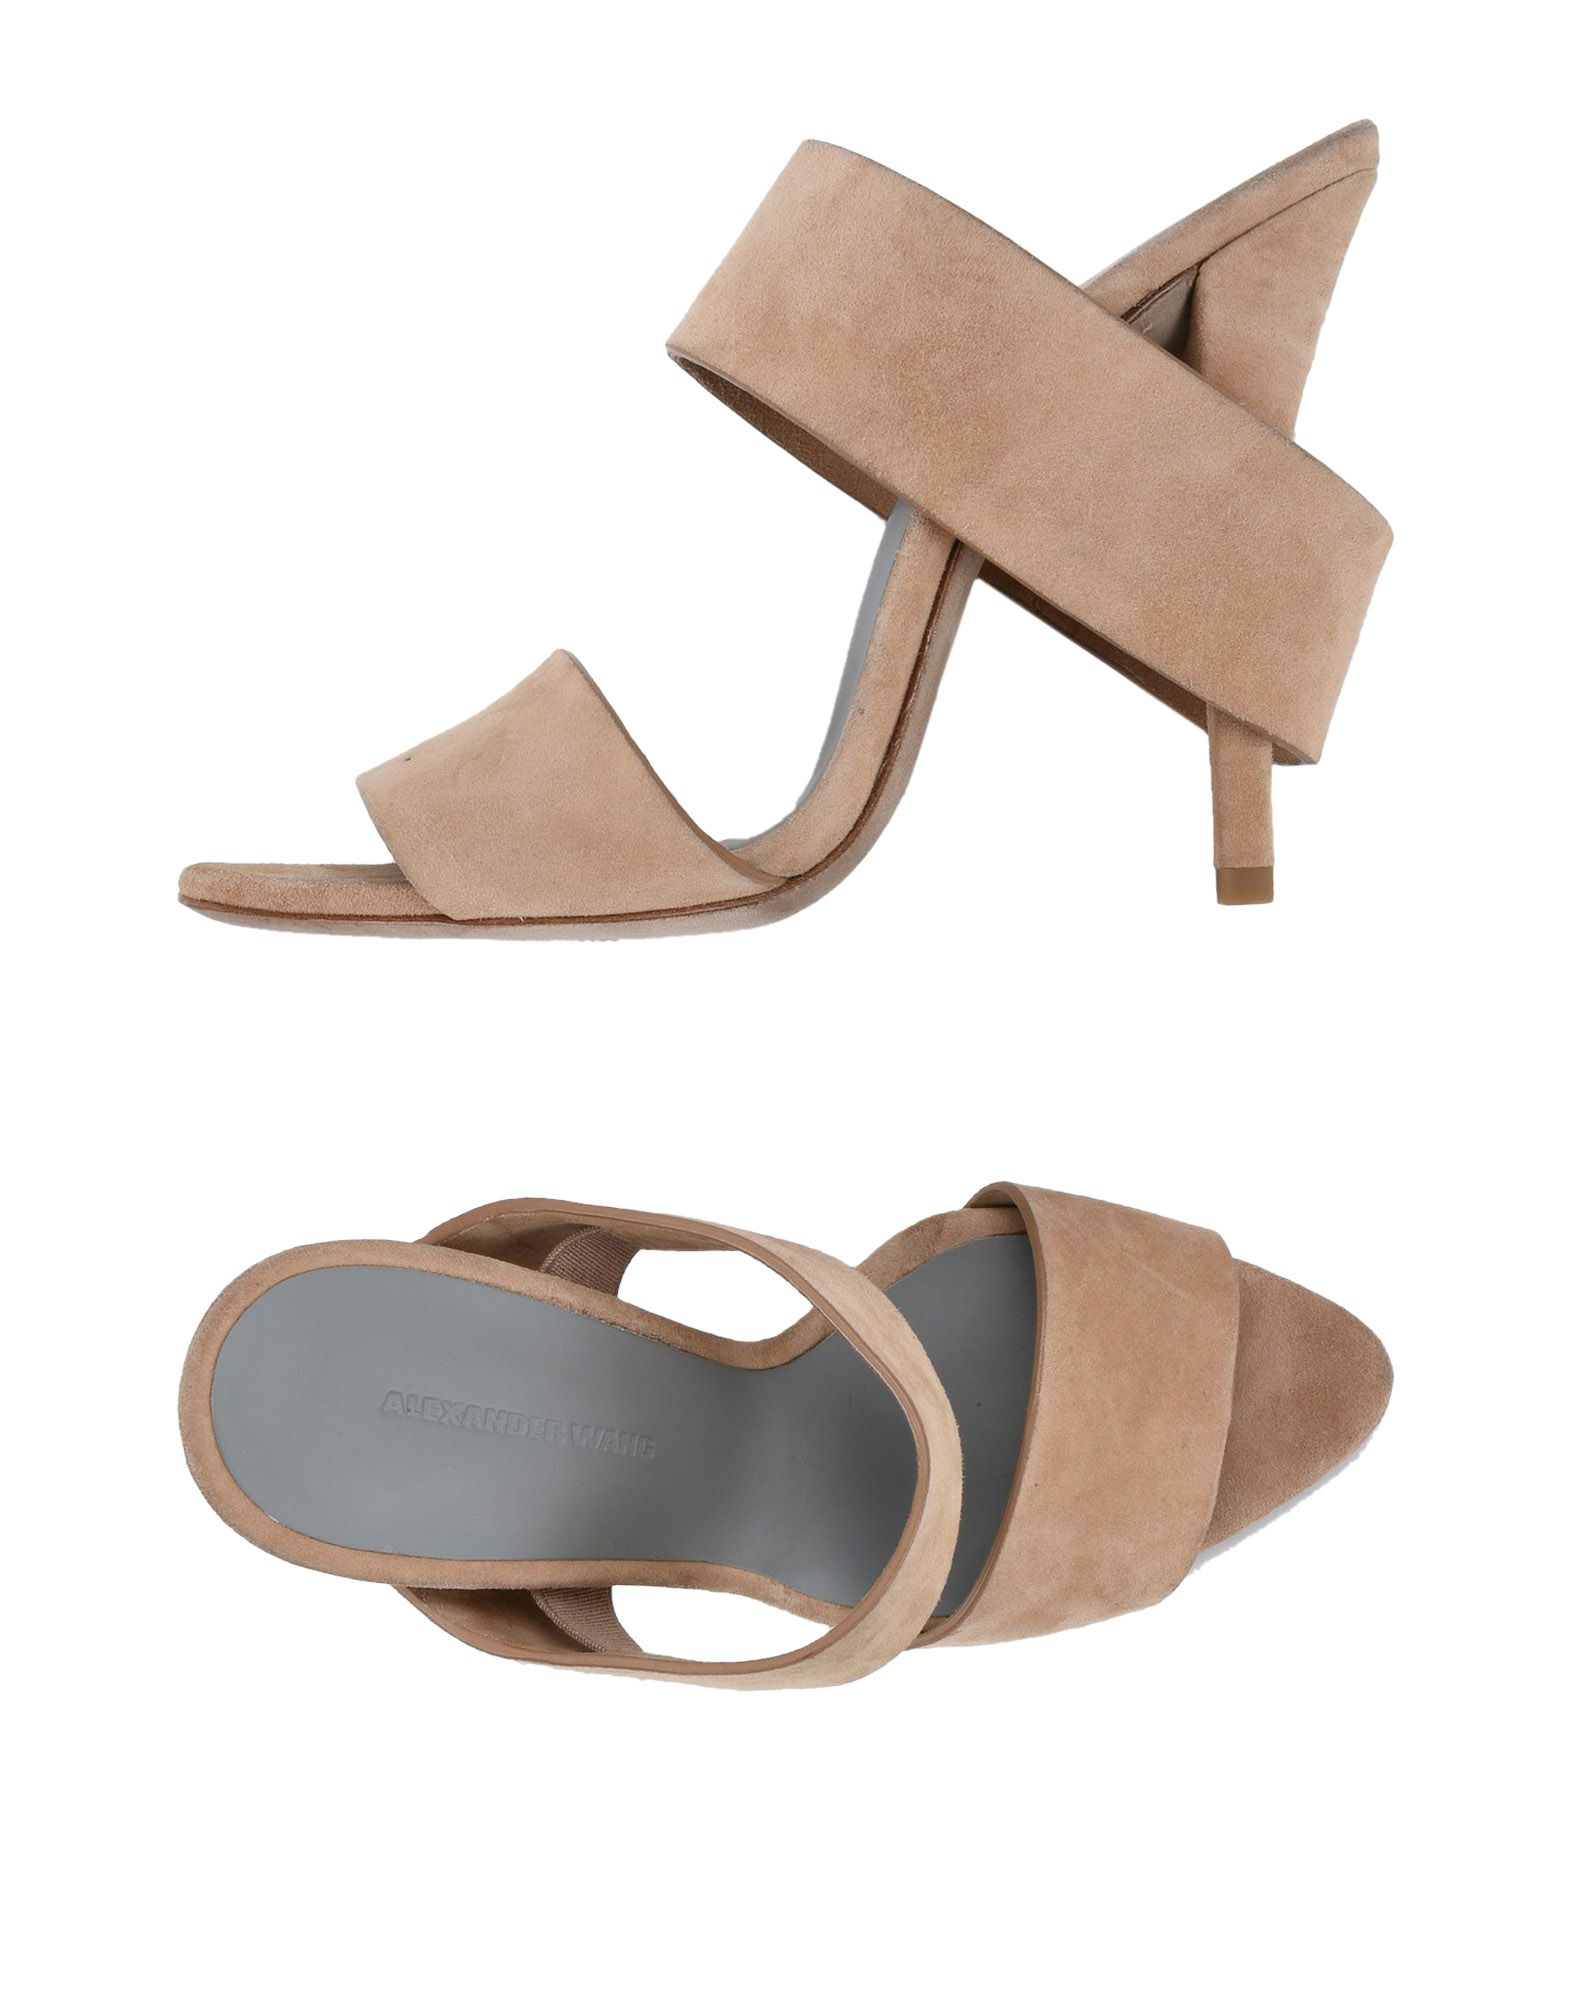 Alexander Wang Sandalen Damen  11449015ASGut aussehende strapazierfähige Schuhe